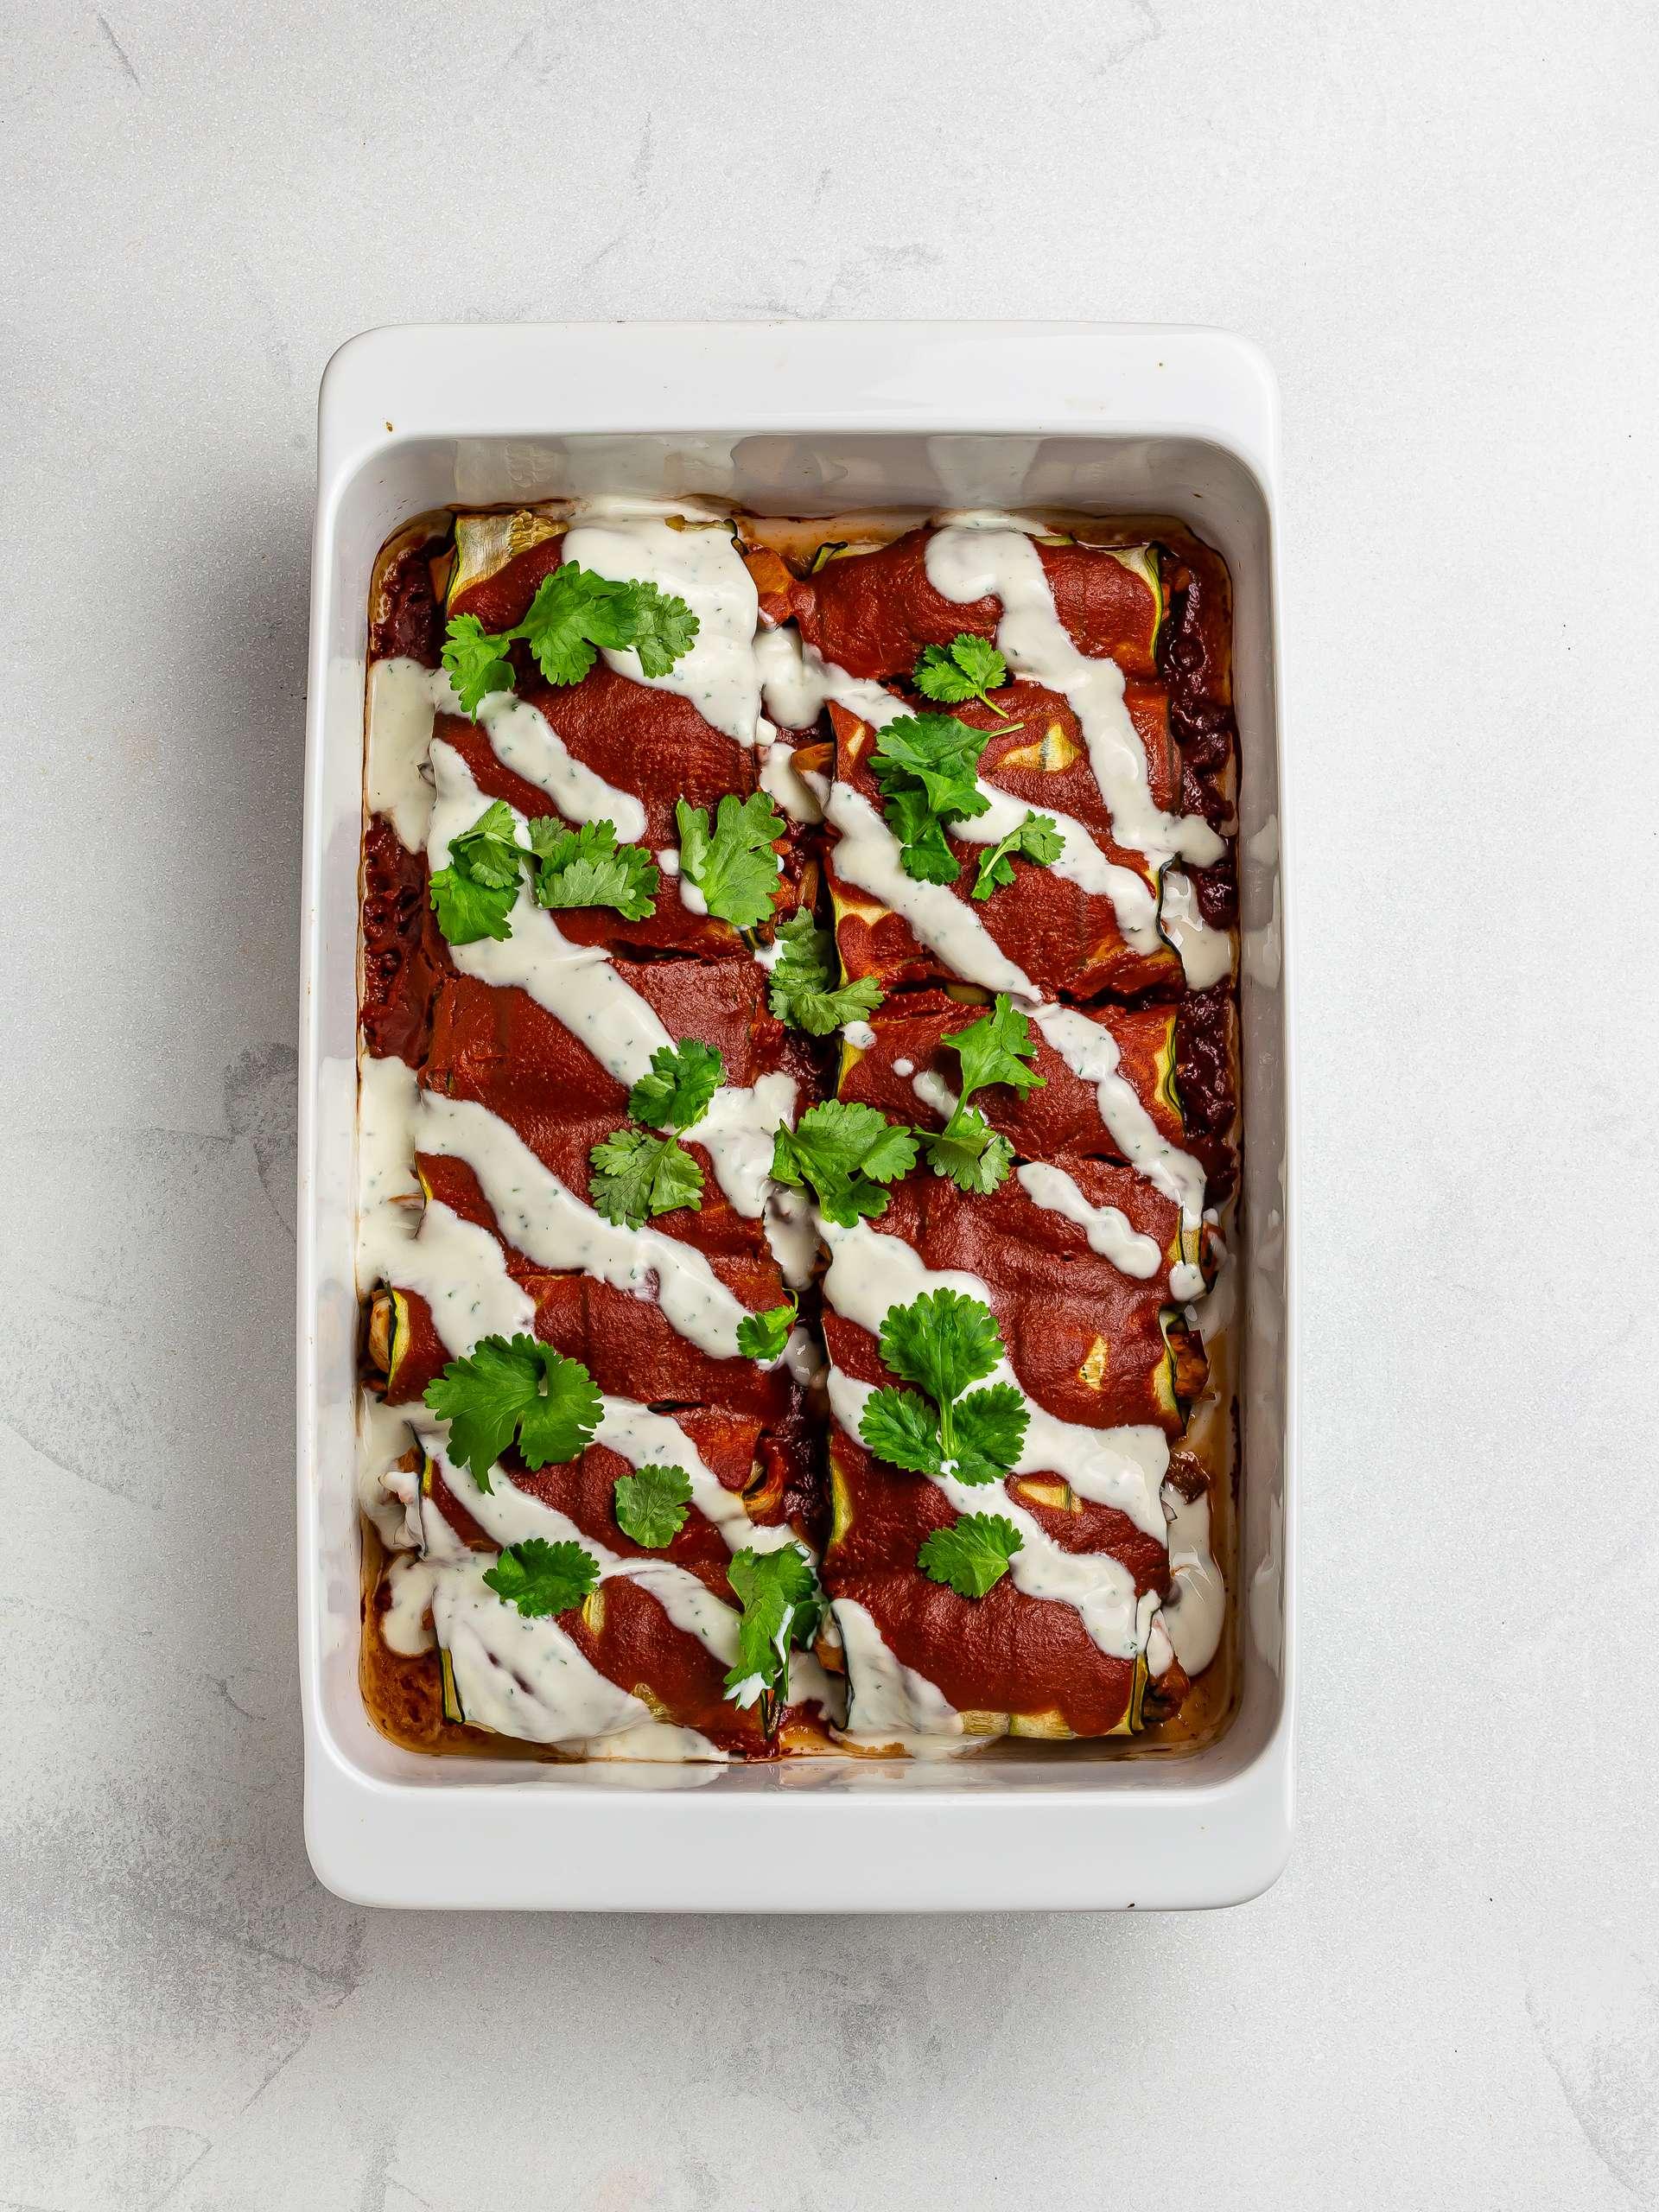 baked vegan zucchini enchiladas